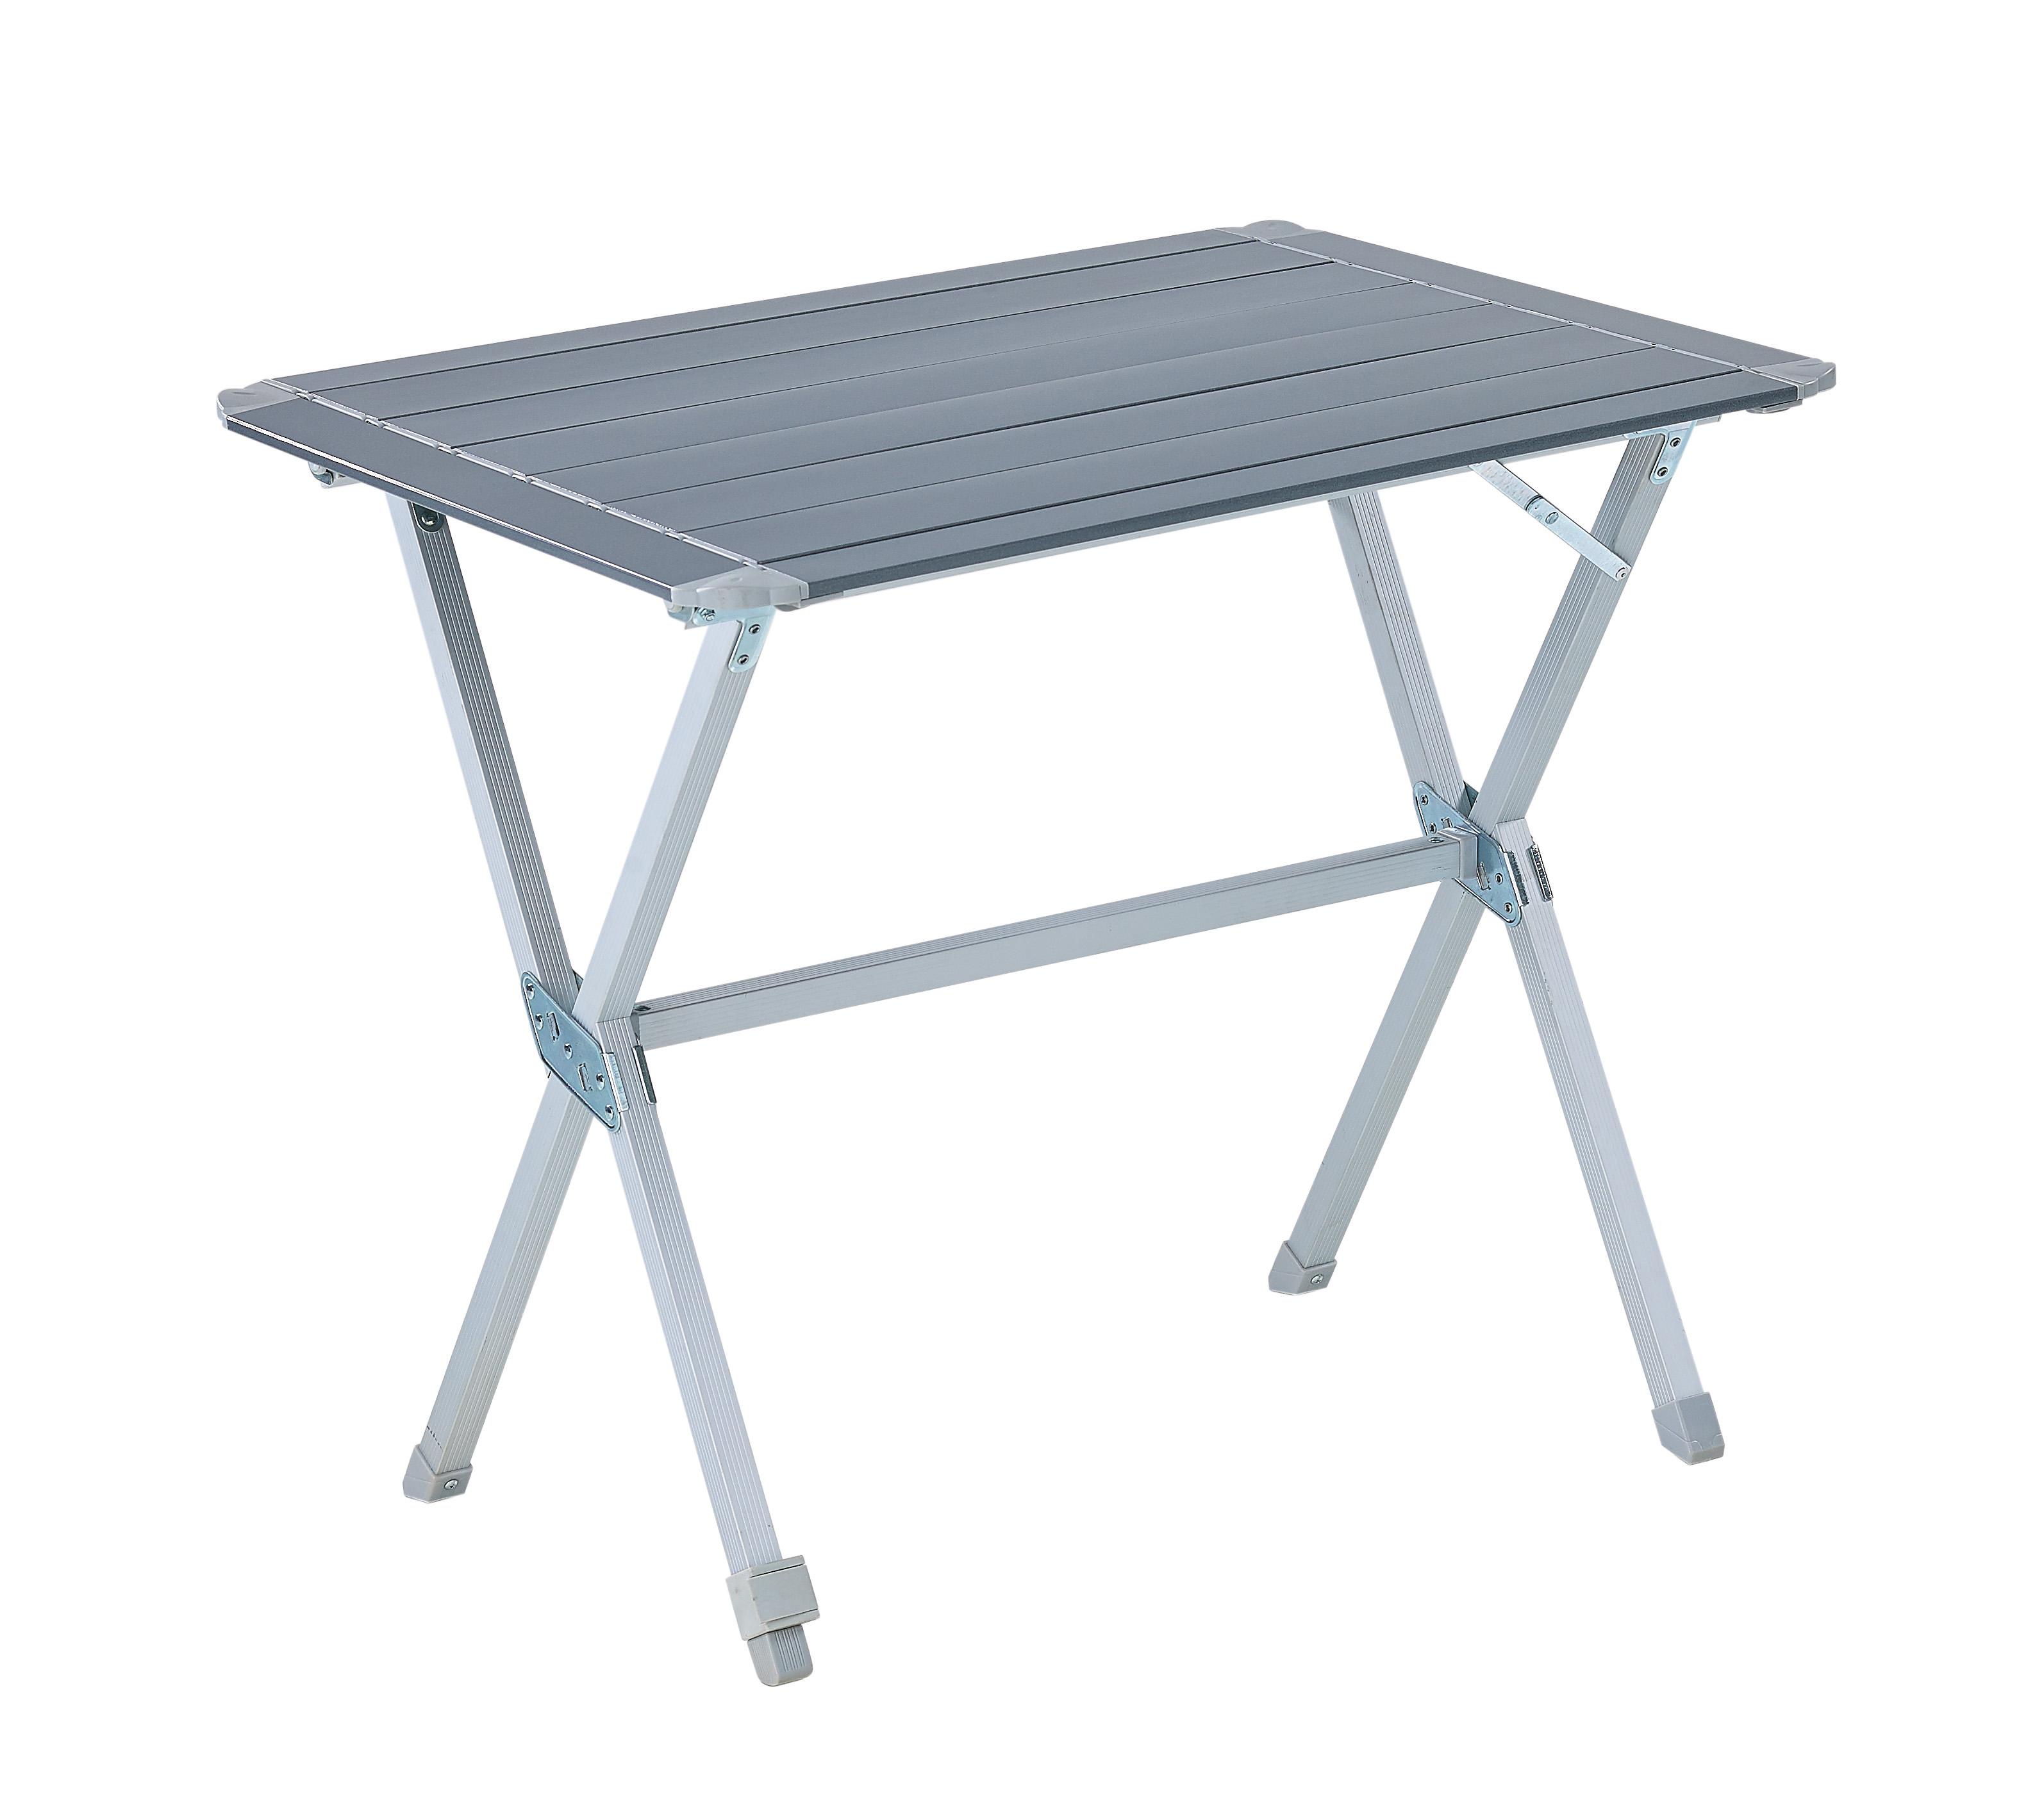 table alu 80 m m045r44 boutique supermarket caravanes vente de mobilier de camping et d. Black Bedroom Furniture Sets. Home Design Ideas